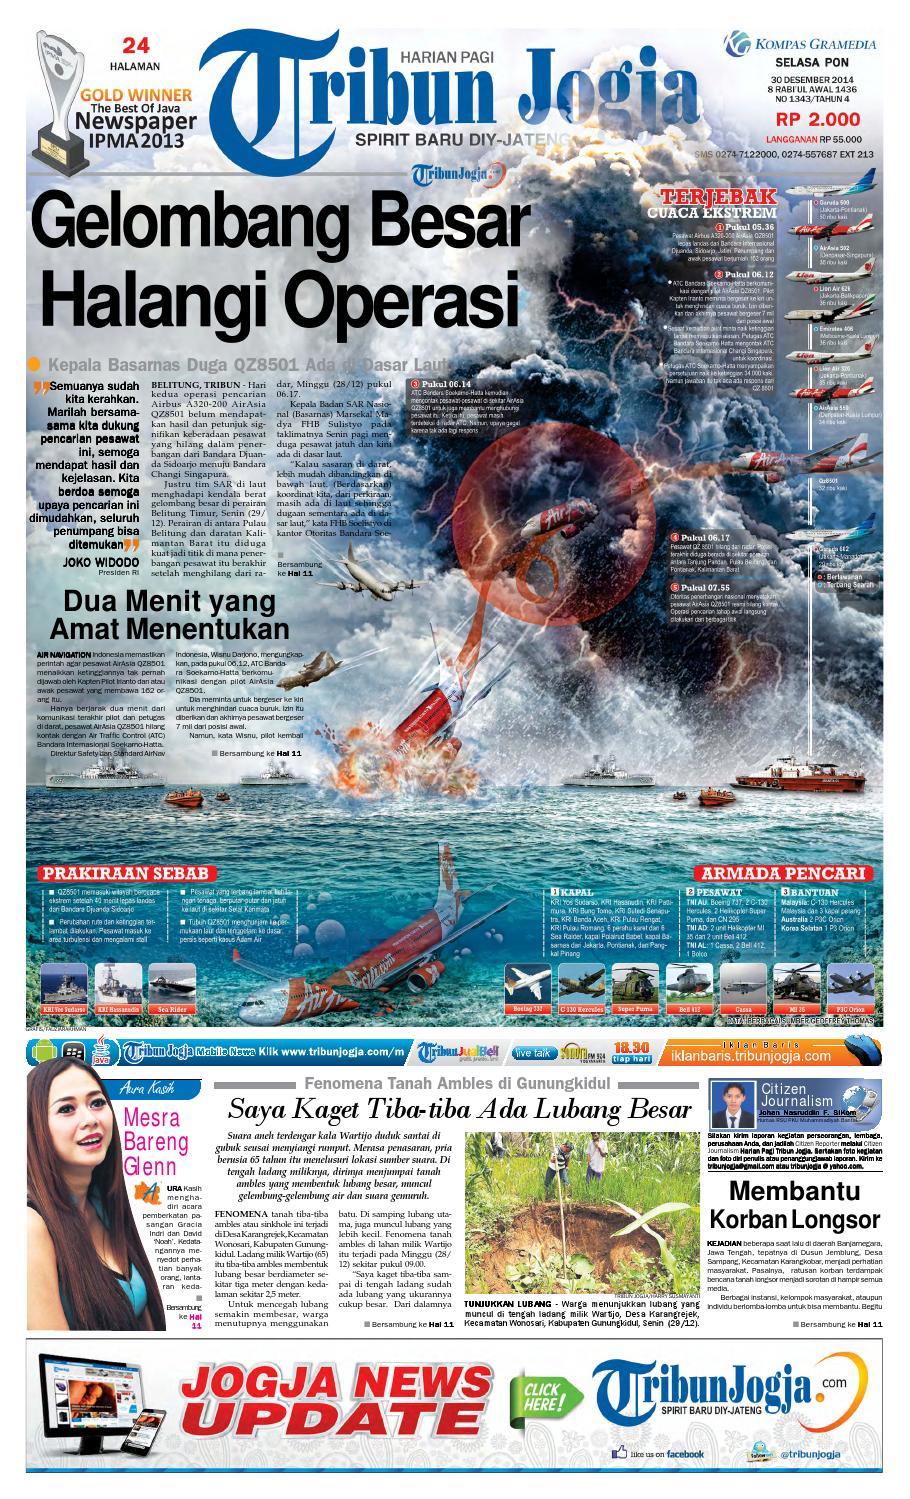 Tribunjogja 30 12 2014 By Tribun Jogja Issuu Produk Ukm Bumn Tenun Pagatan Kemeja Pria Biru Kapal